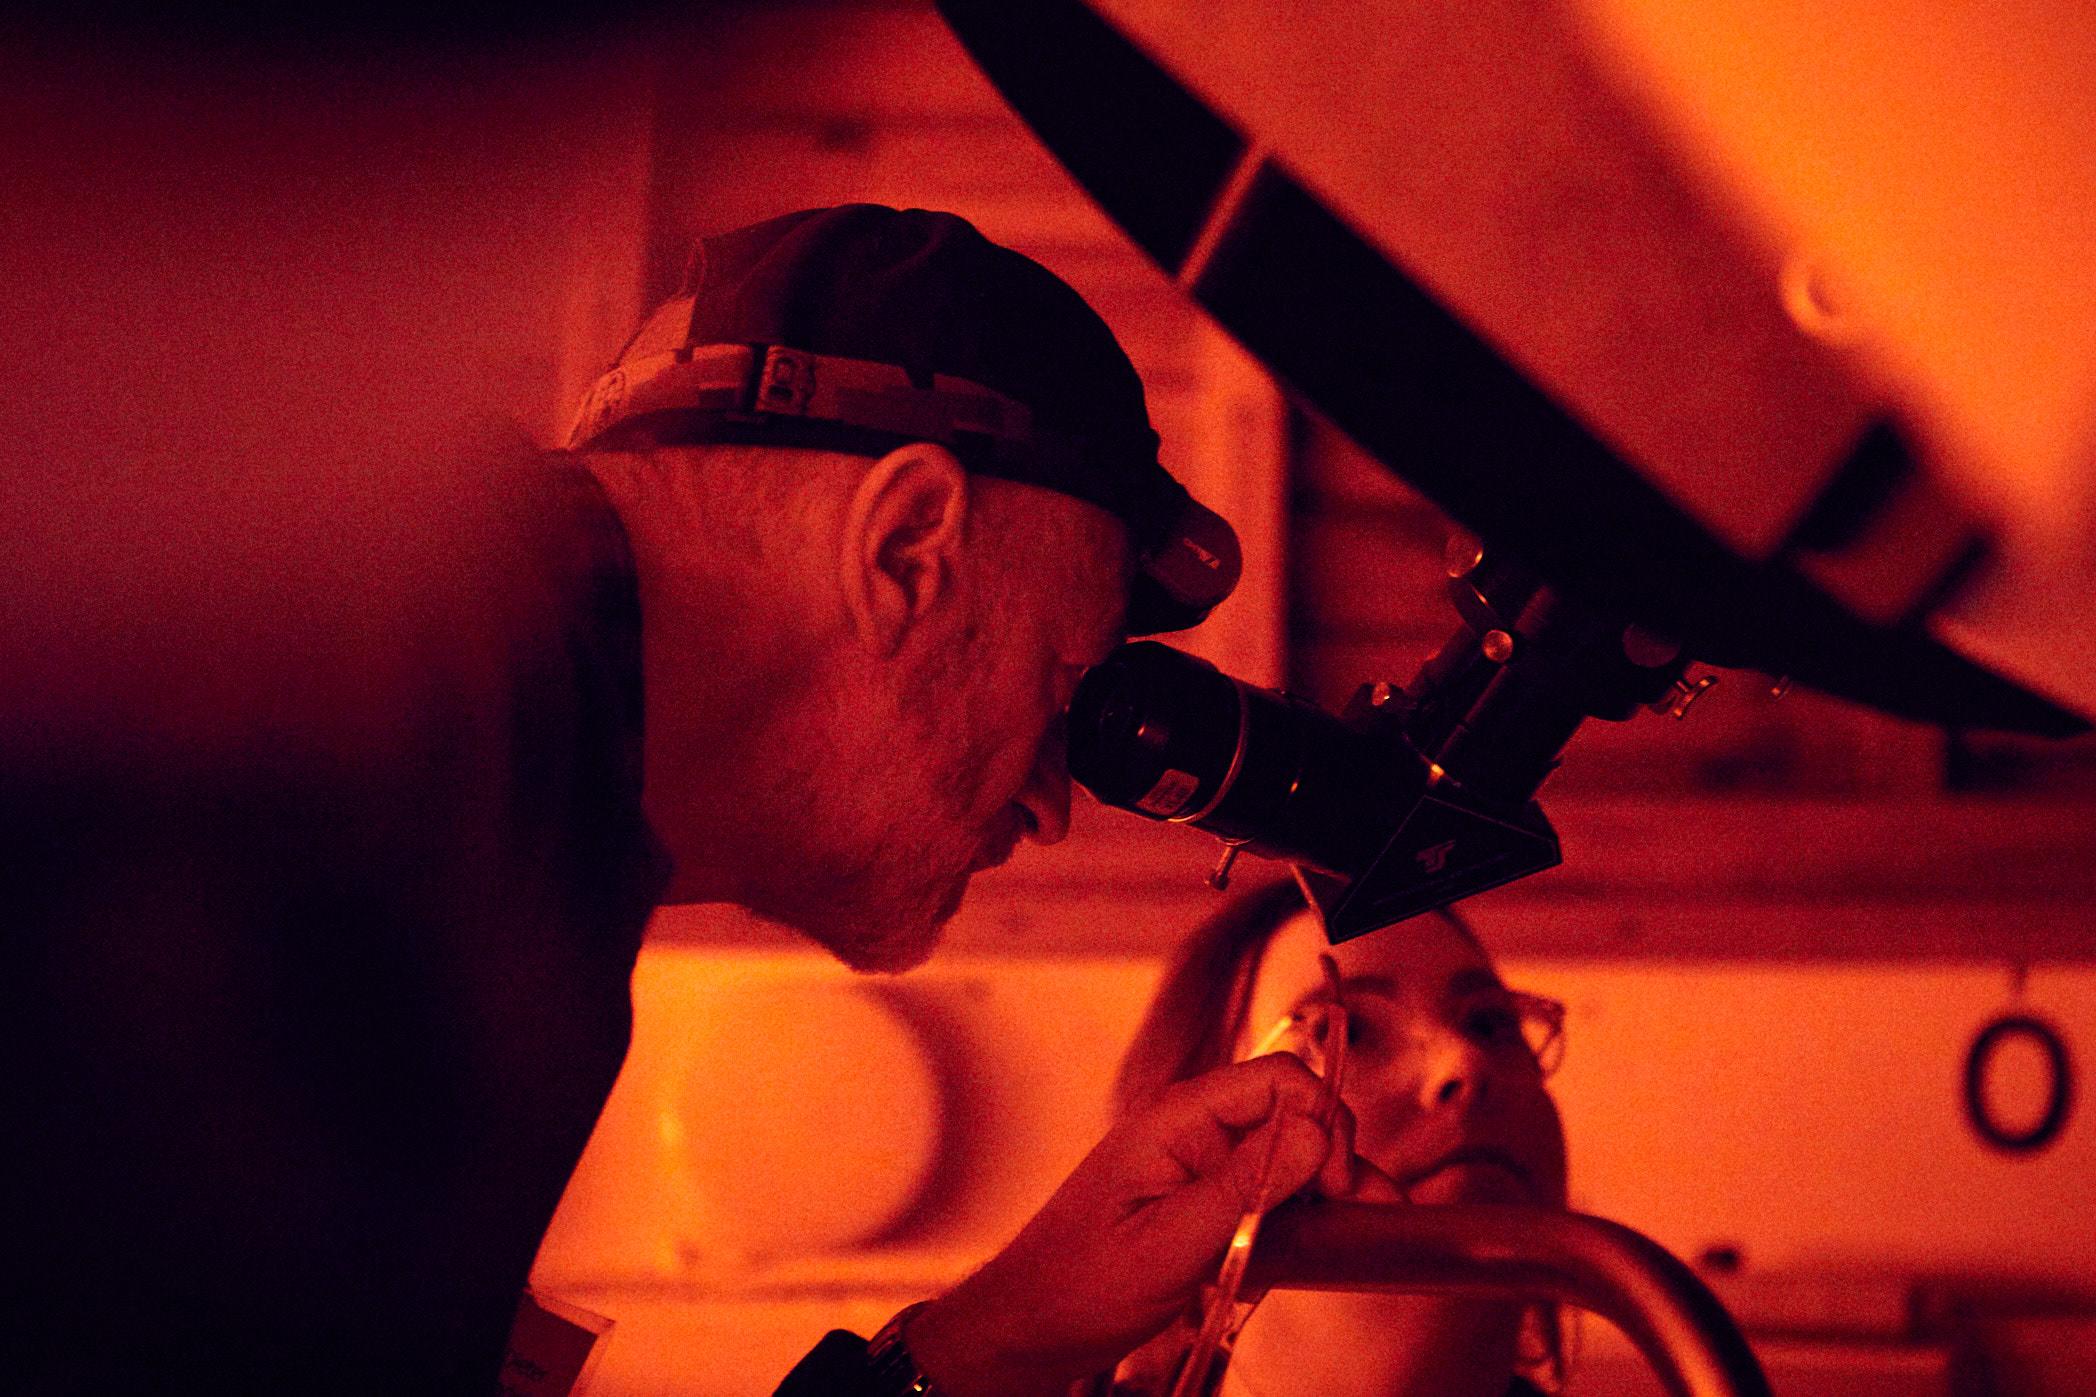 volkssternwarte köln teleskop jörn strojny